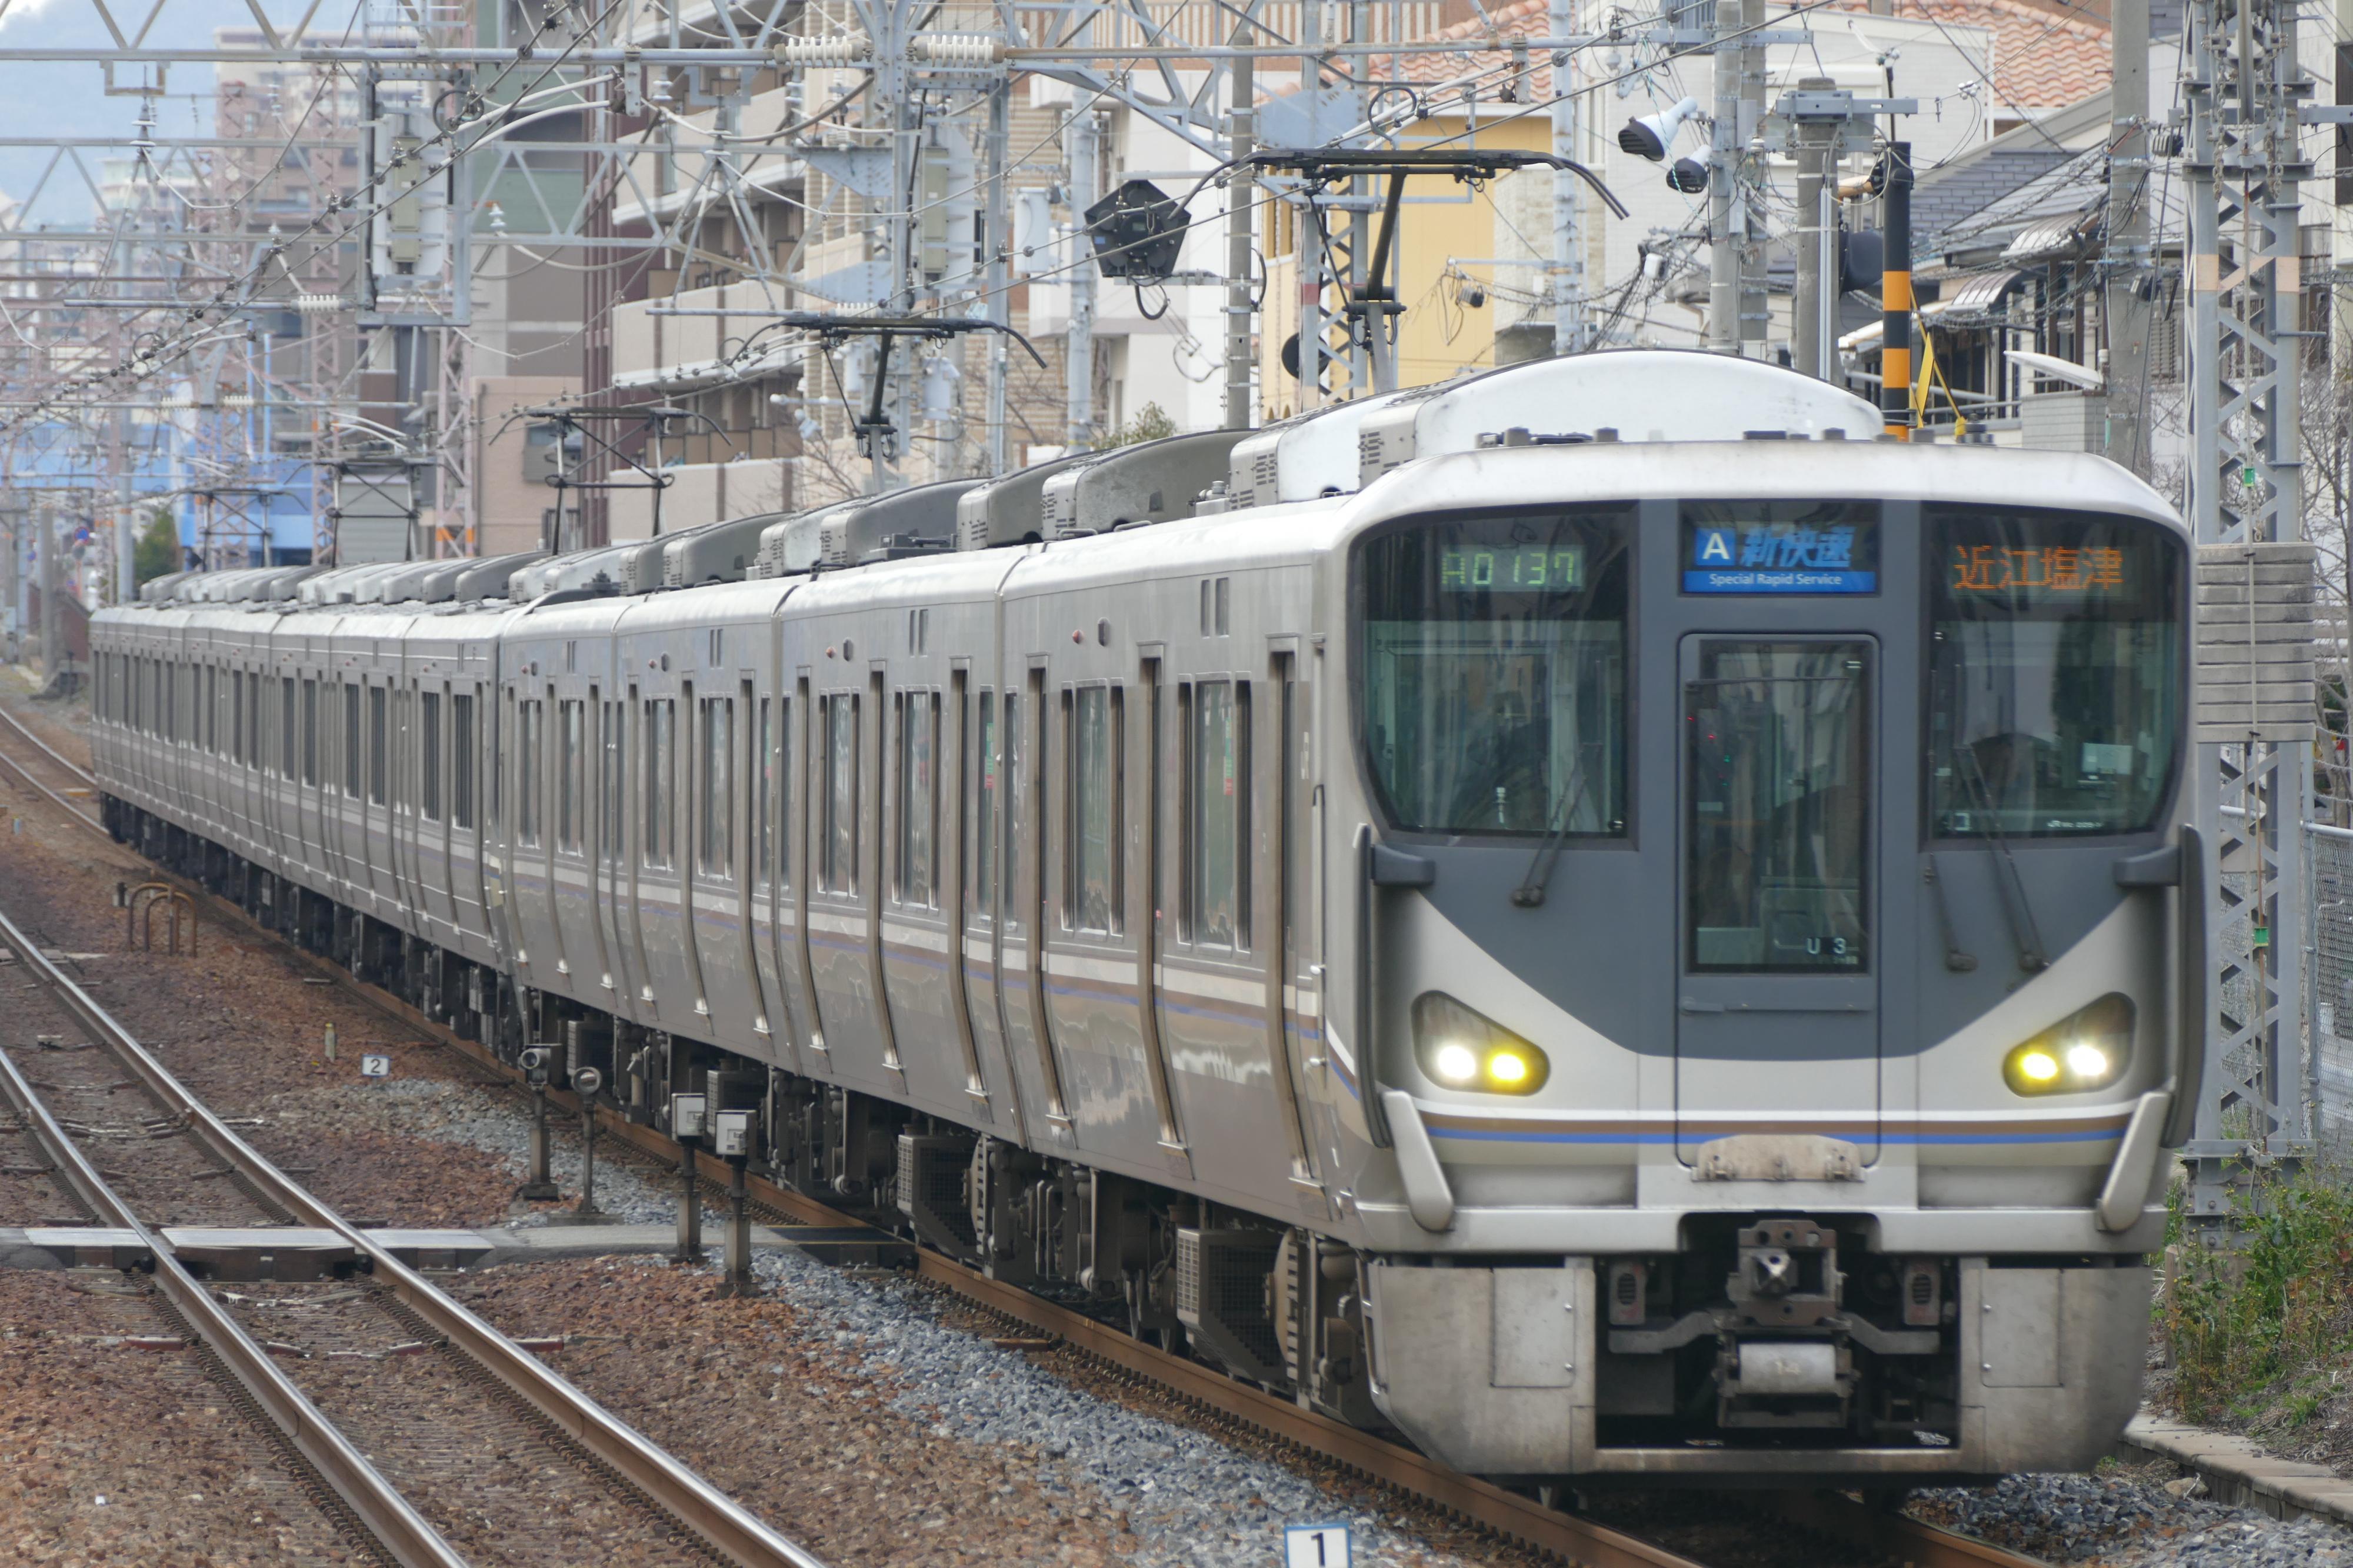 西日本旅客鉄道車両運用一覧 - 国鉄201系電車〜ラストランに向かって〜